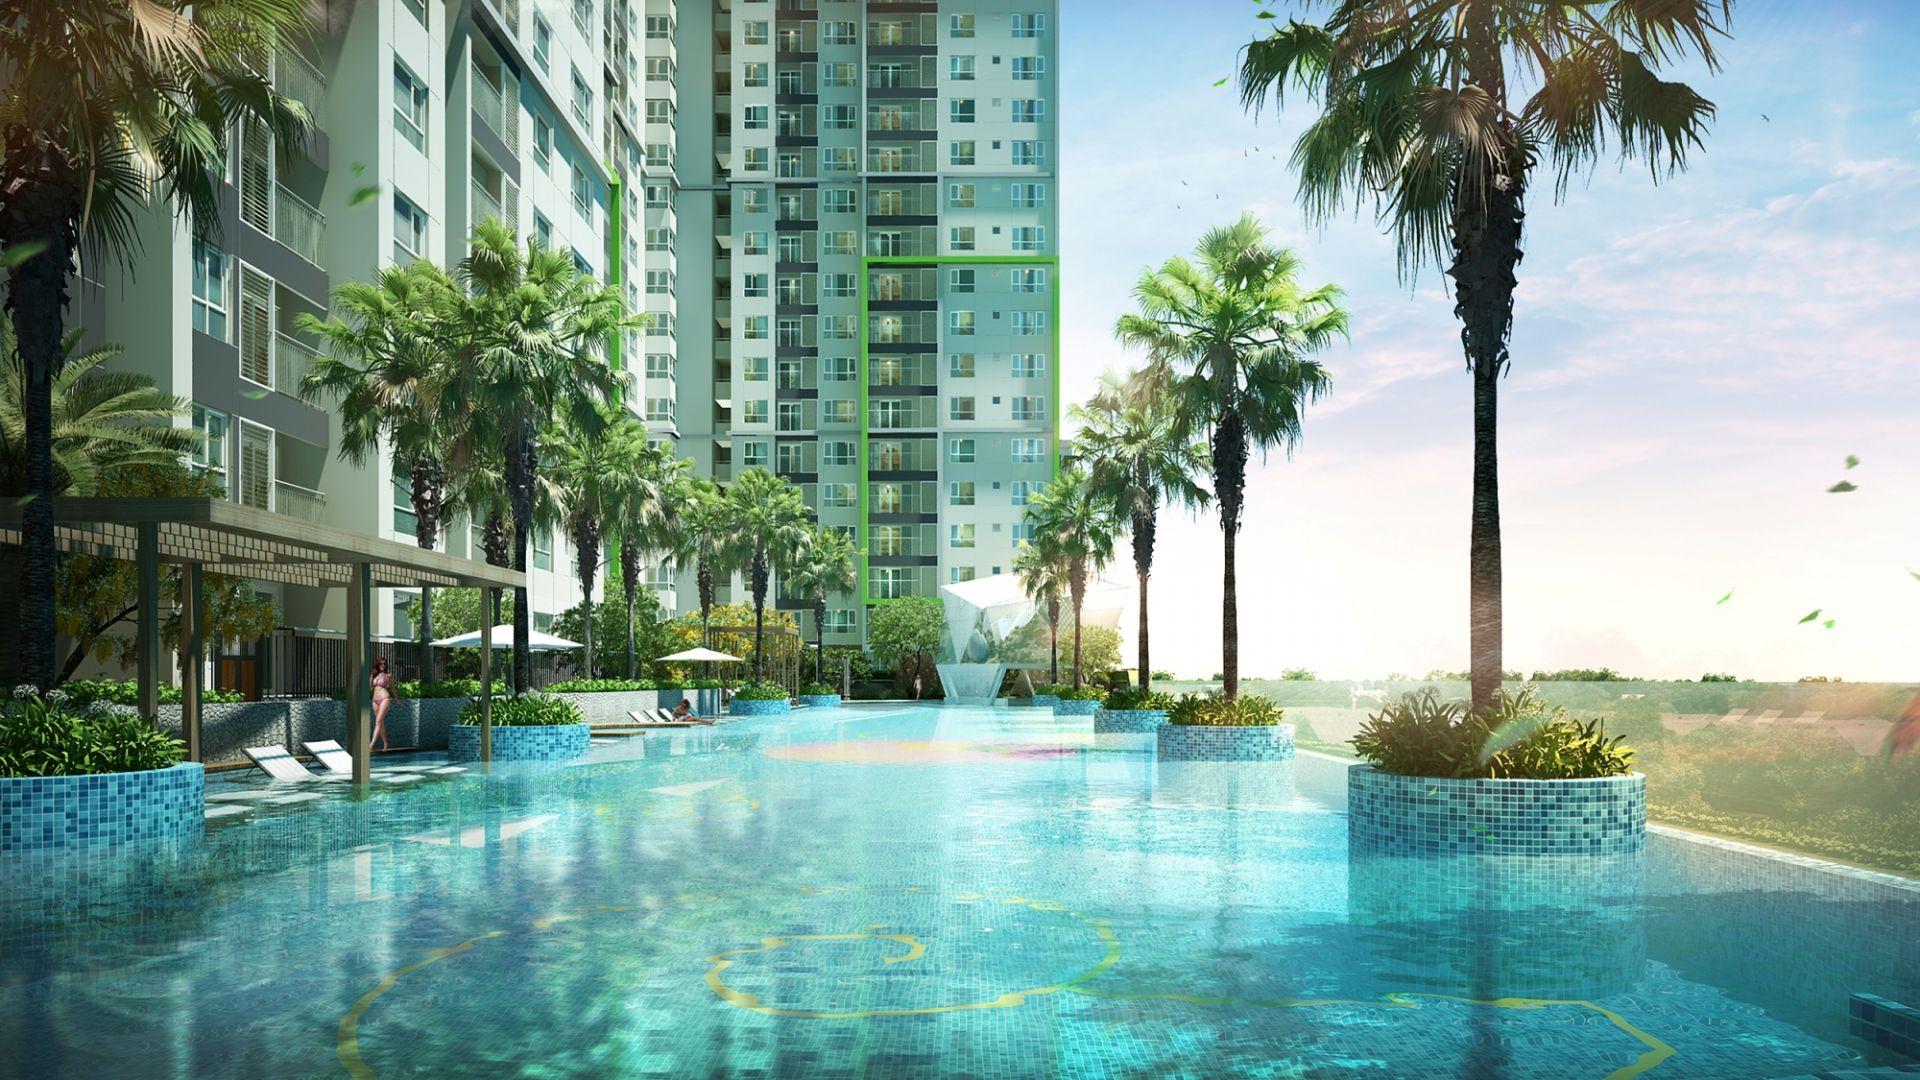 Bể Bơi Bốn Mùa quanh khu chung cư B1.3 HH03 Thanh Hà